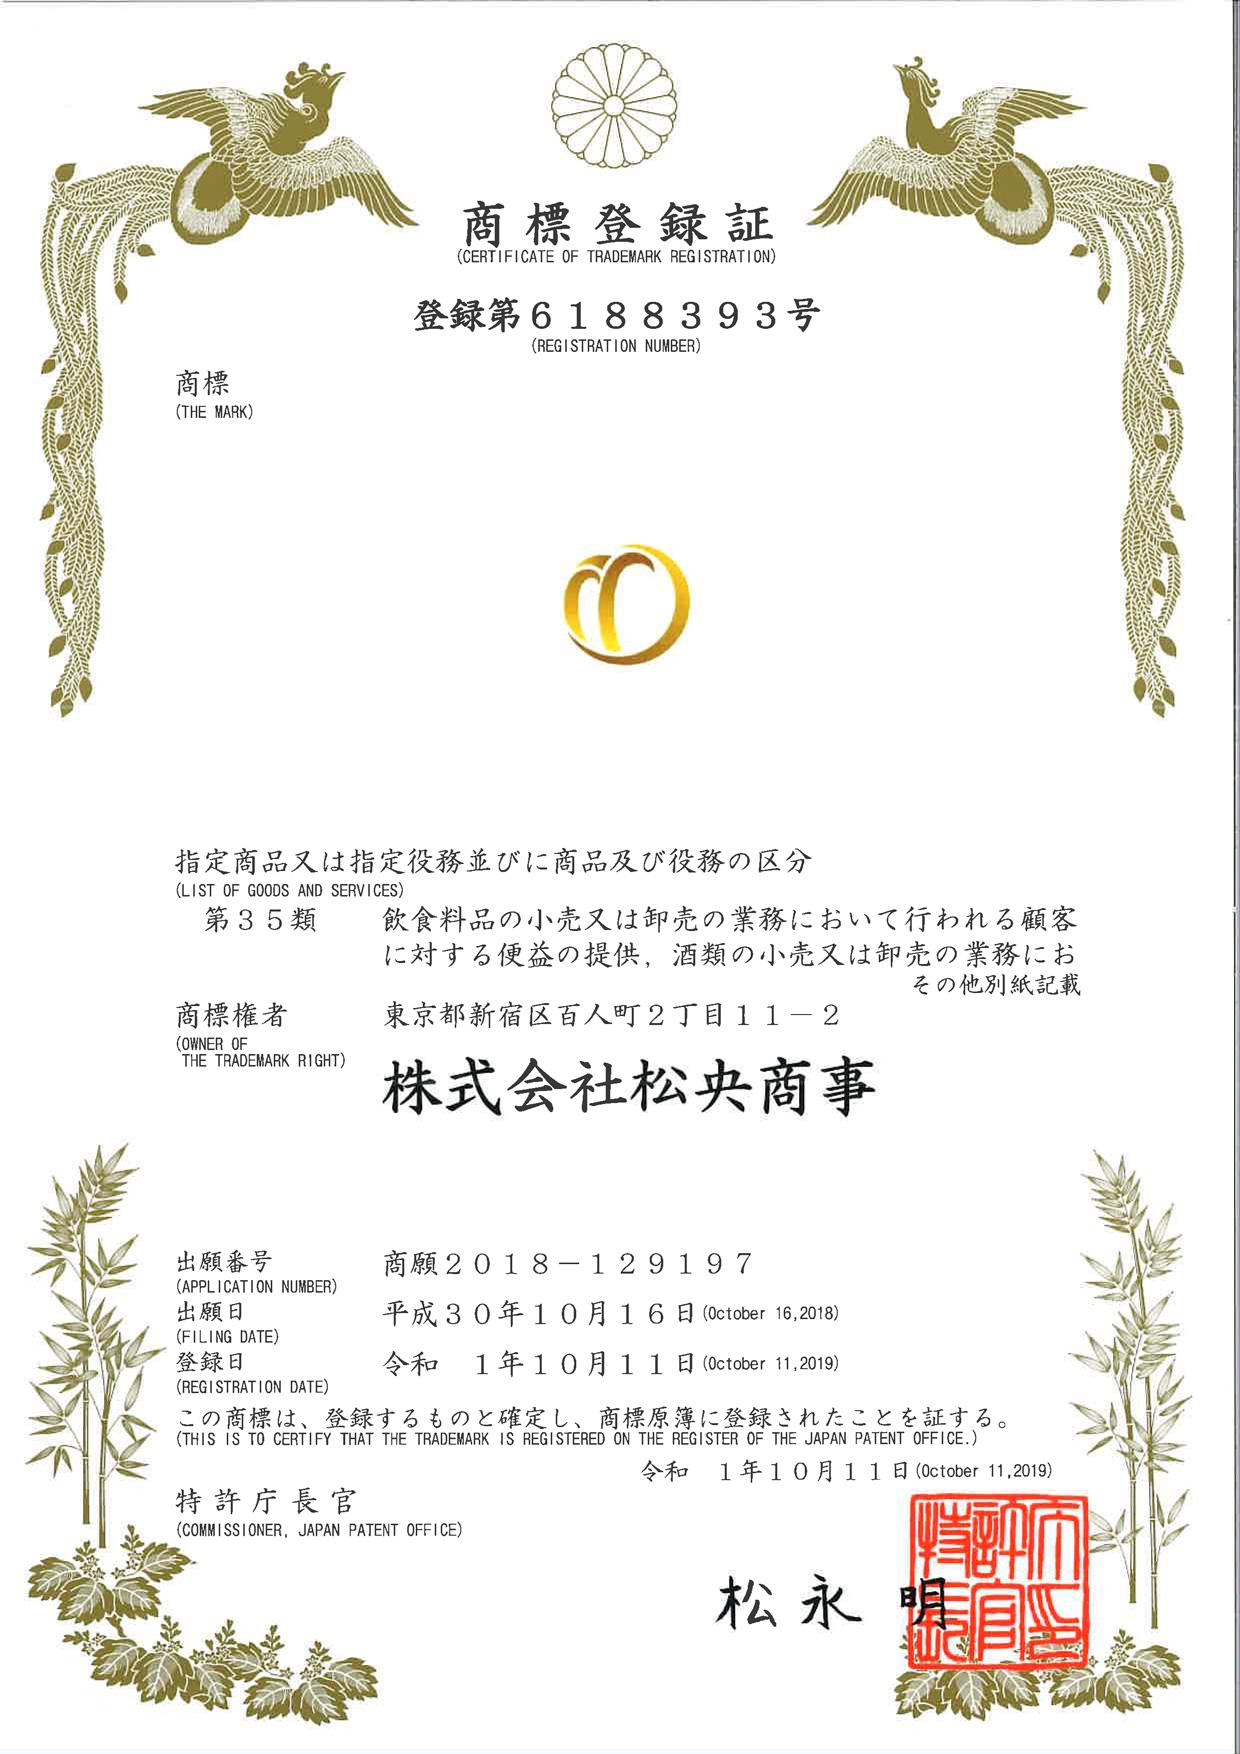 松央商事のロゴマーク商標登録